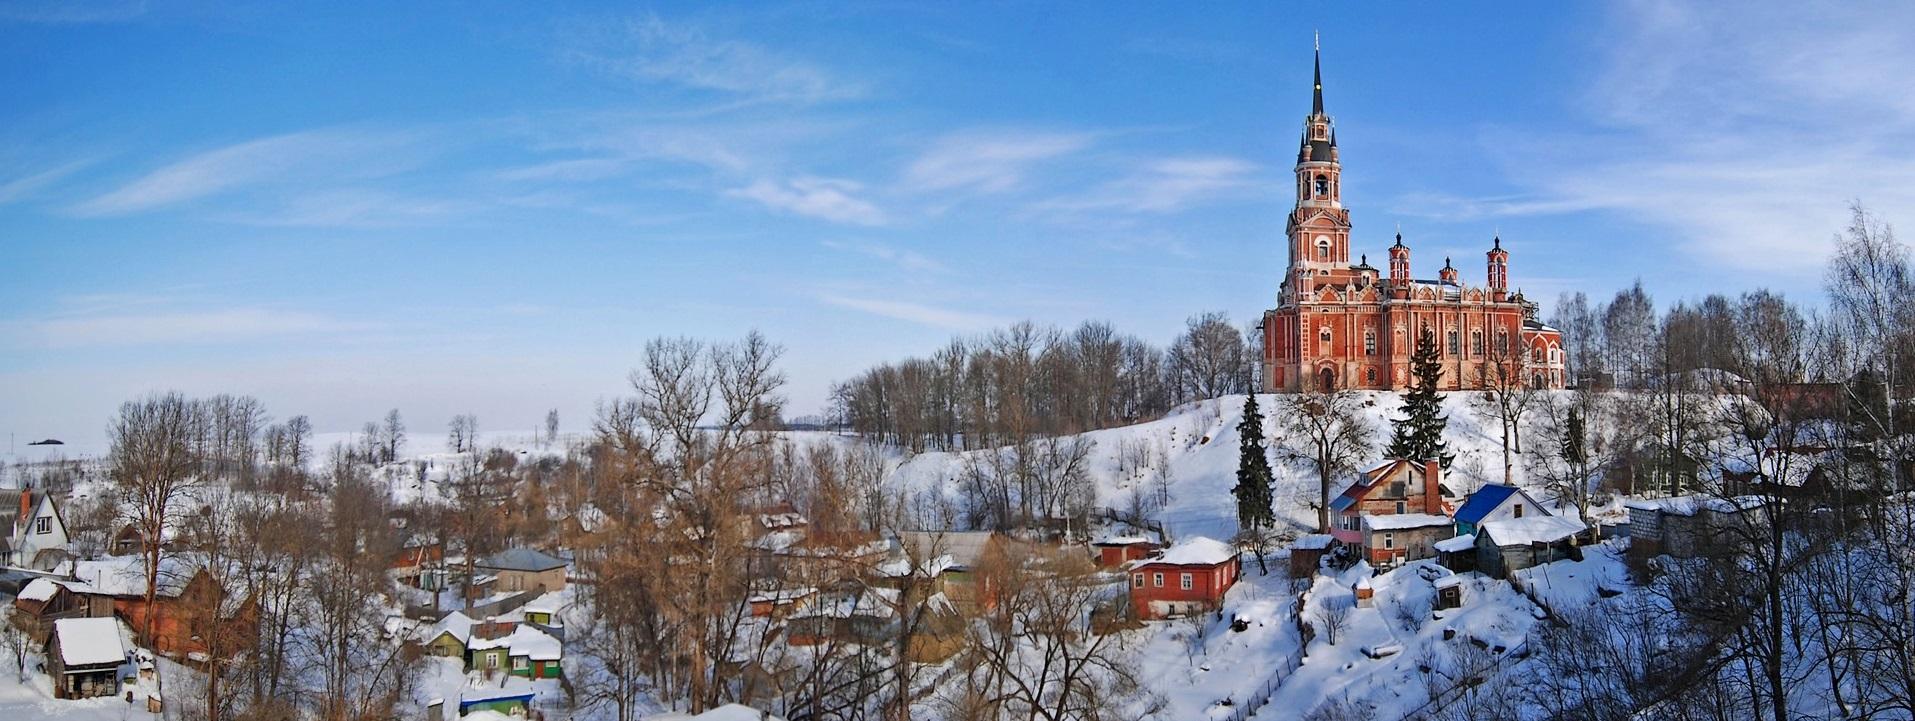 Грузоперевозки из Москвы в Можайск